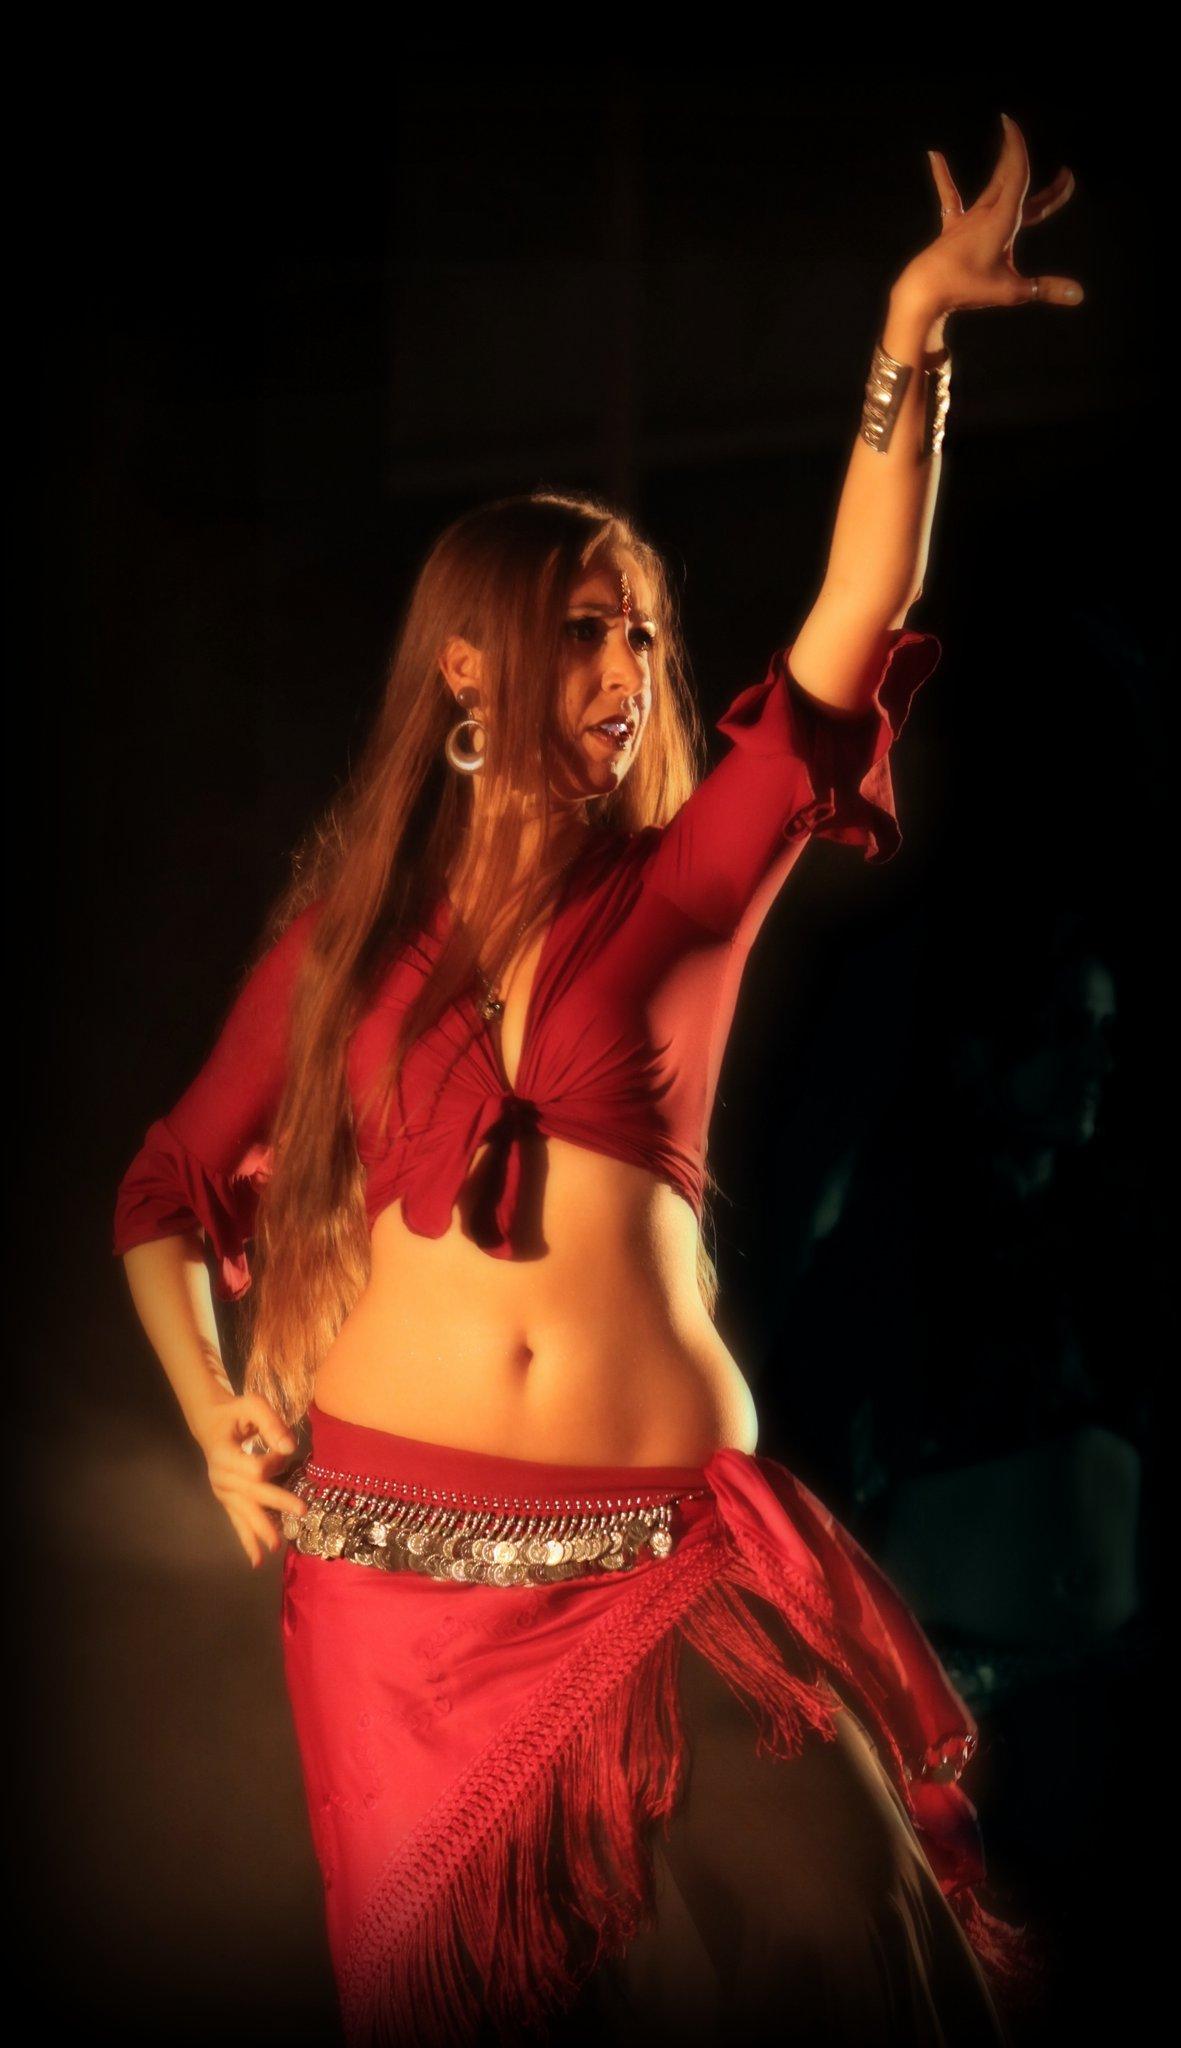 corso di flamenco a Milano alla Phoenix a.s.d.